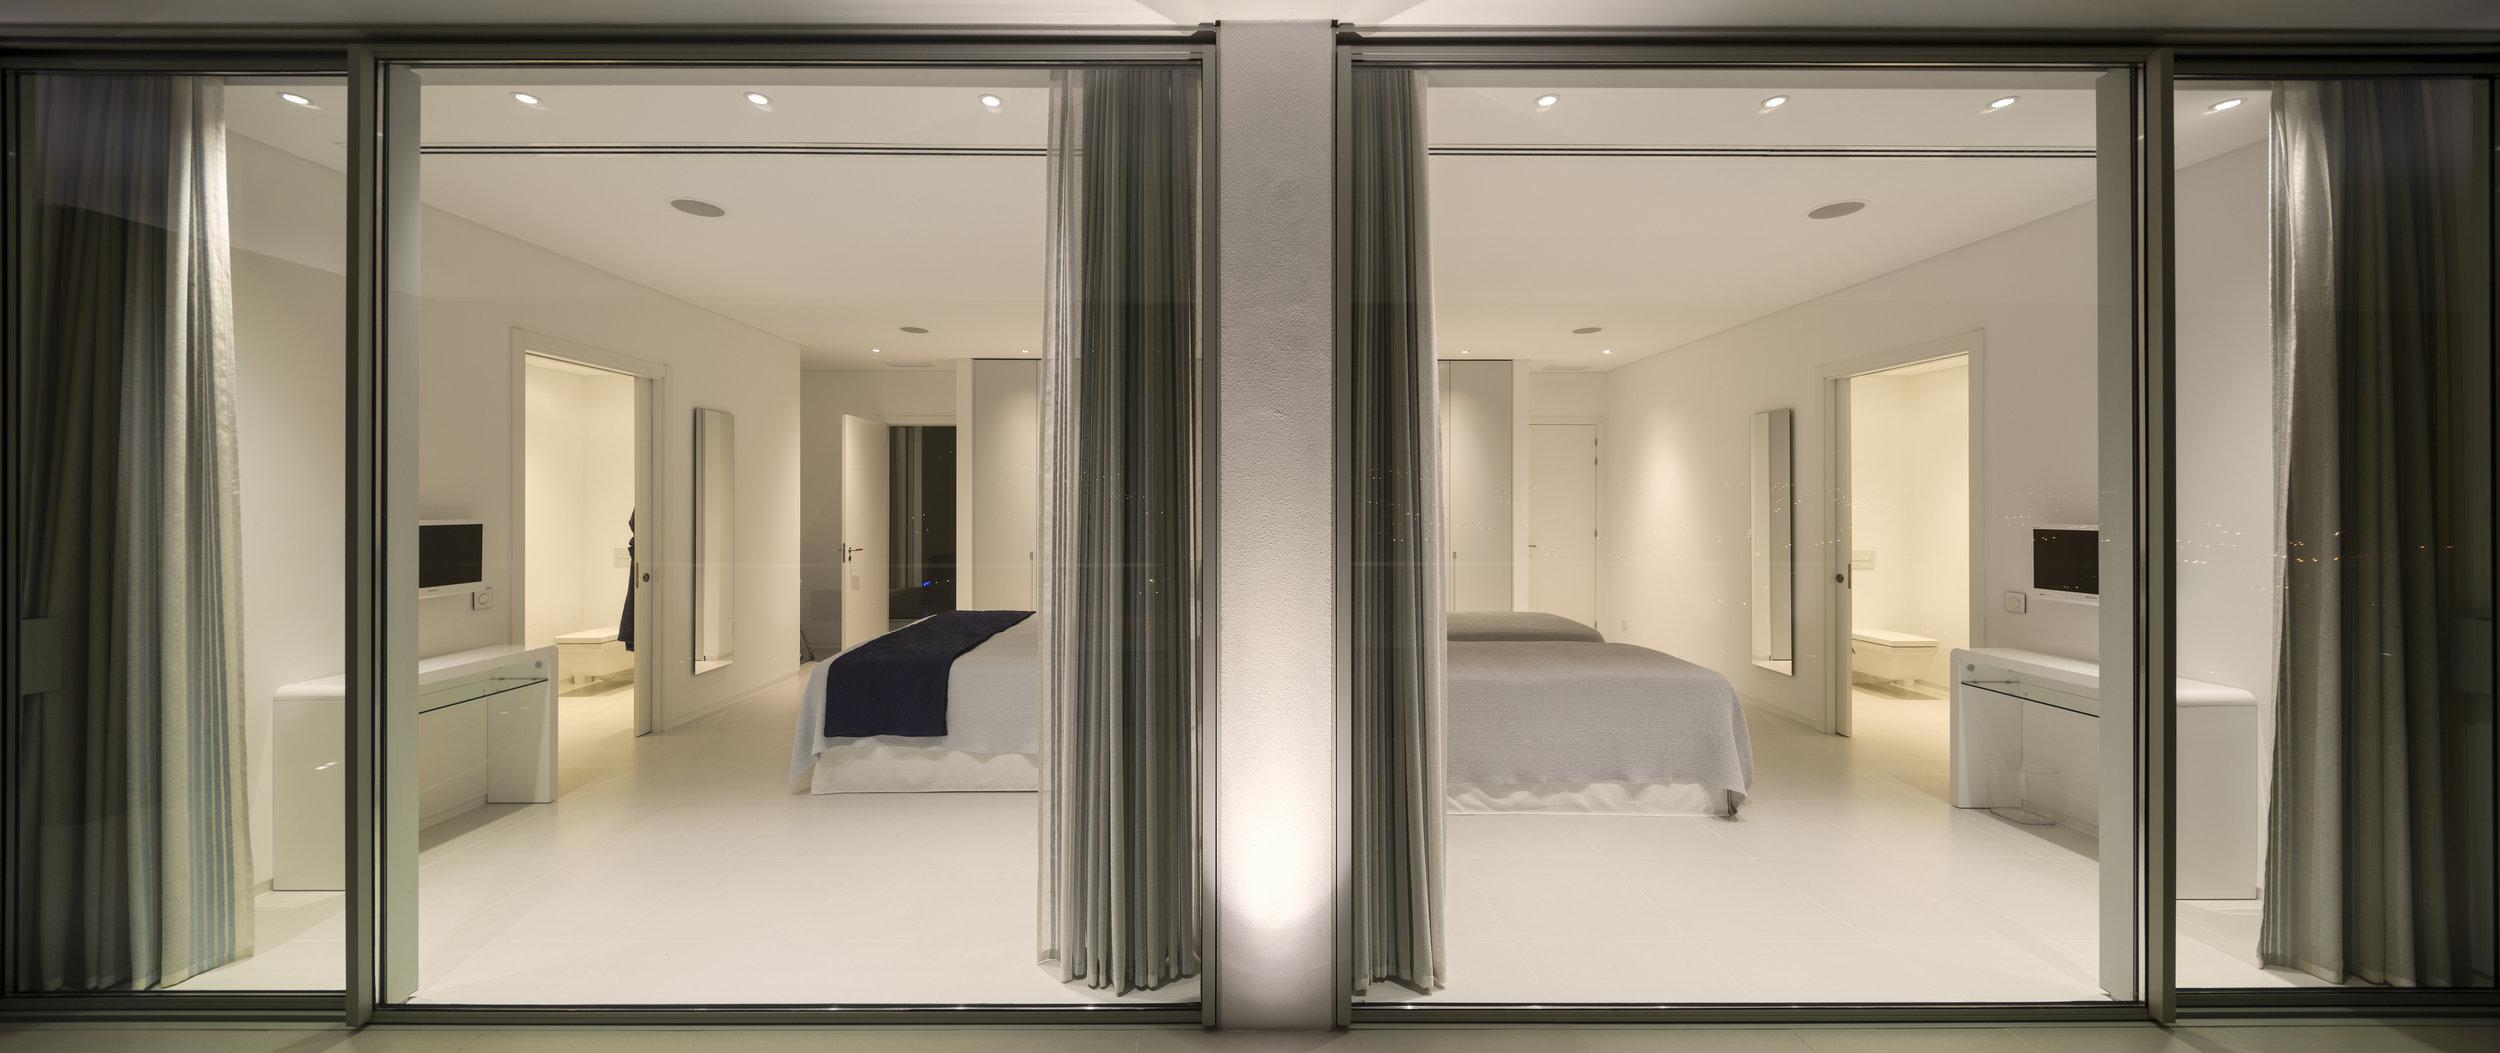 11 - Bedrooms 3 & 4 252.jpg